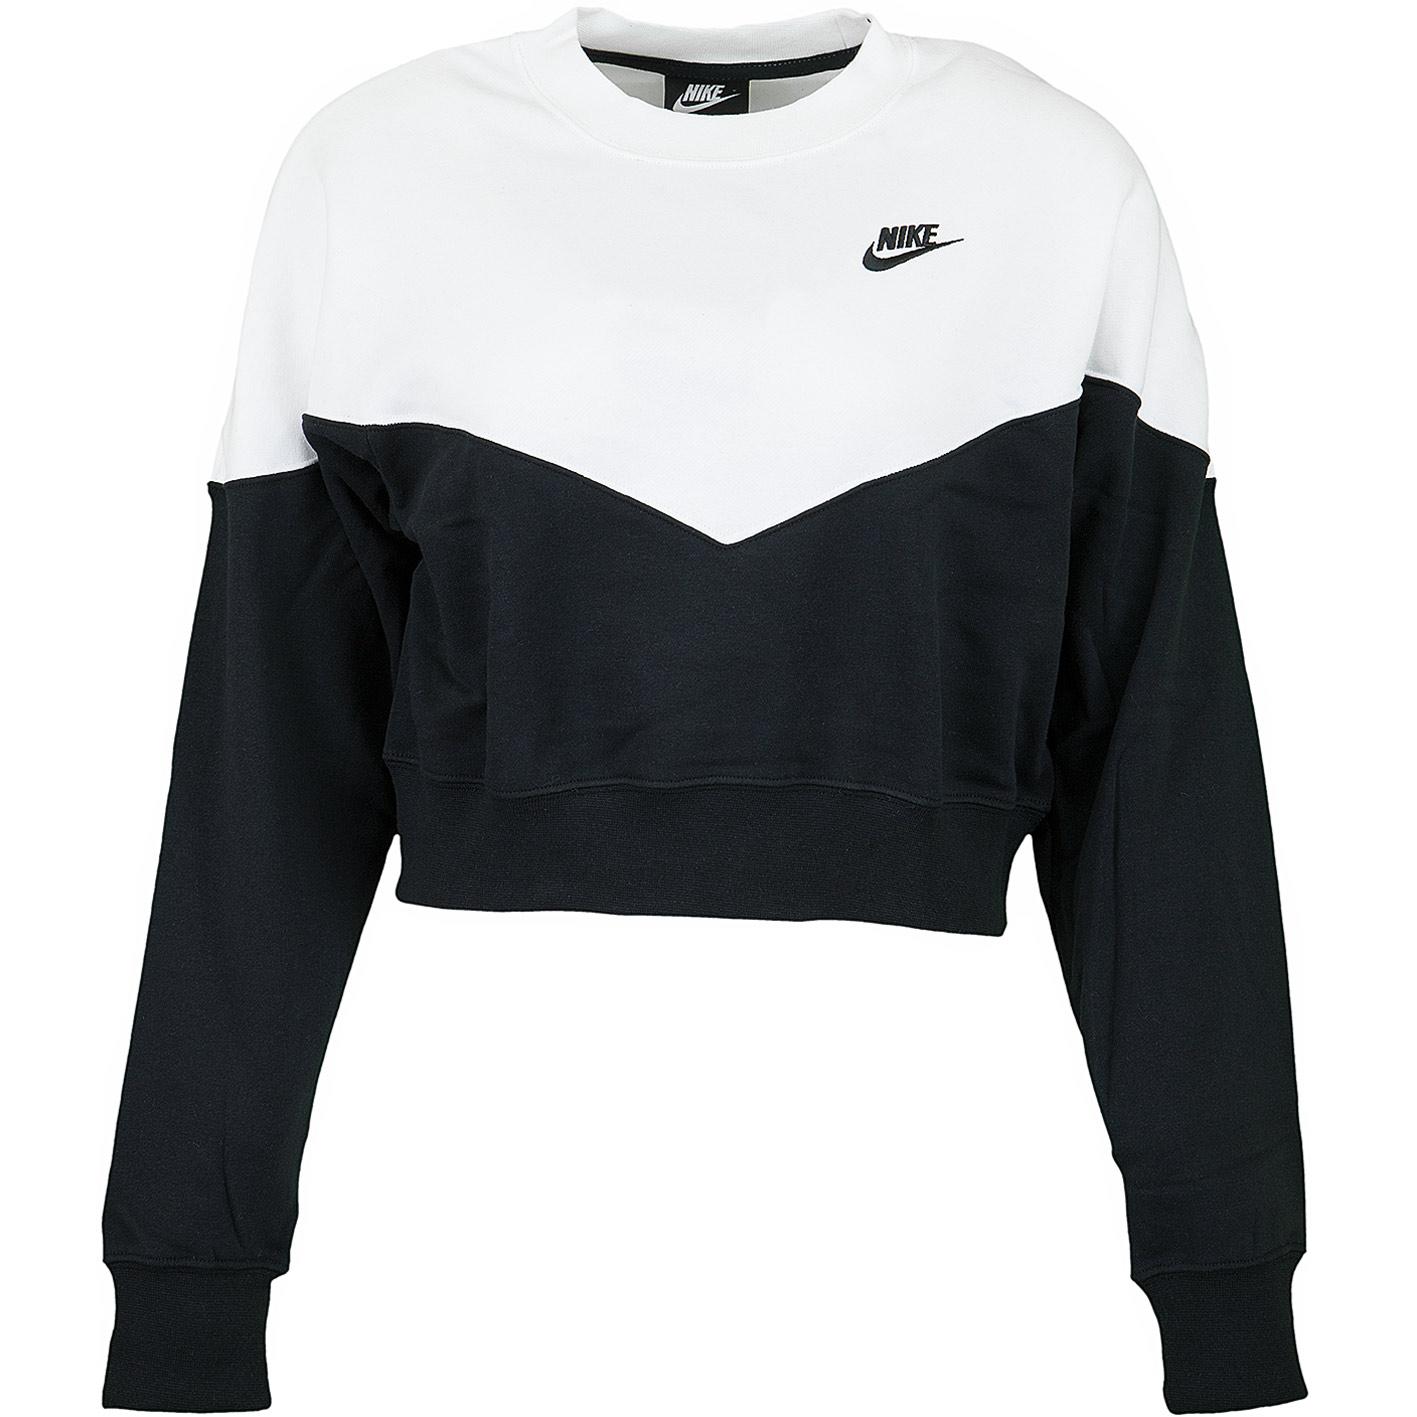 meet bb31d 1444d Nike Damen Sweatshirt Heritage Fleece schwarz/weiß